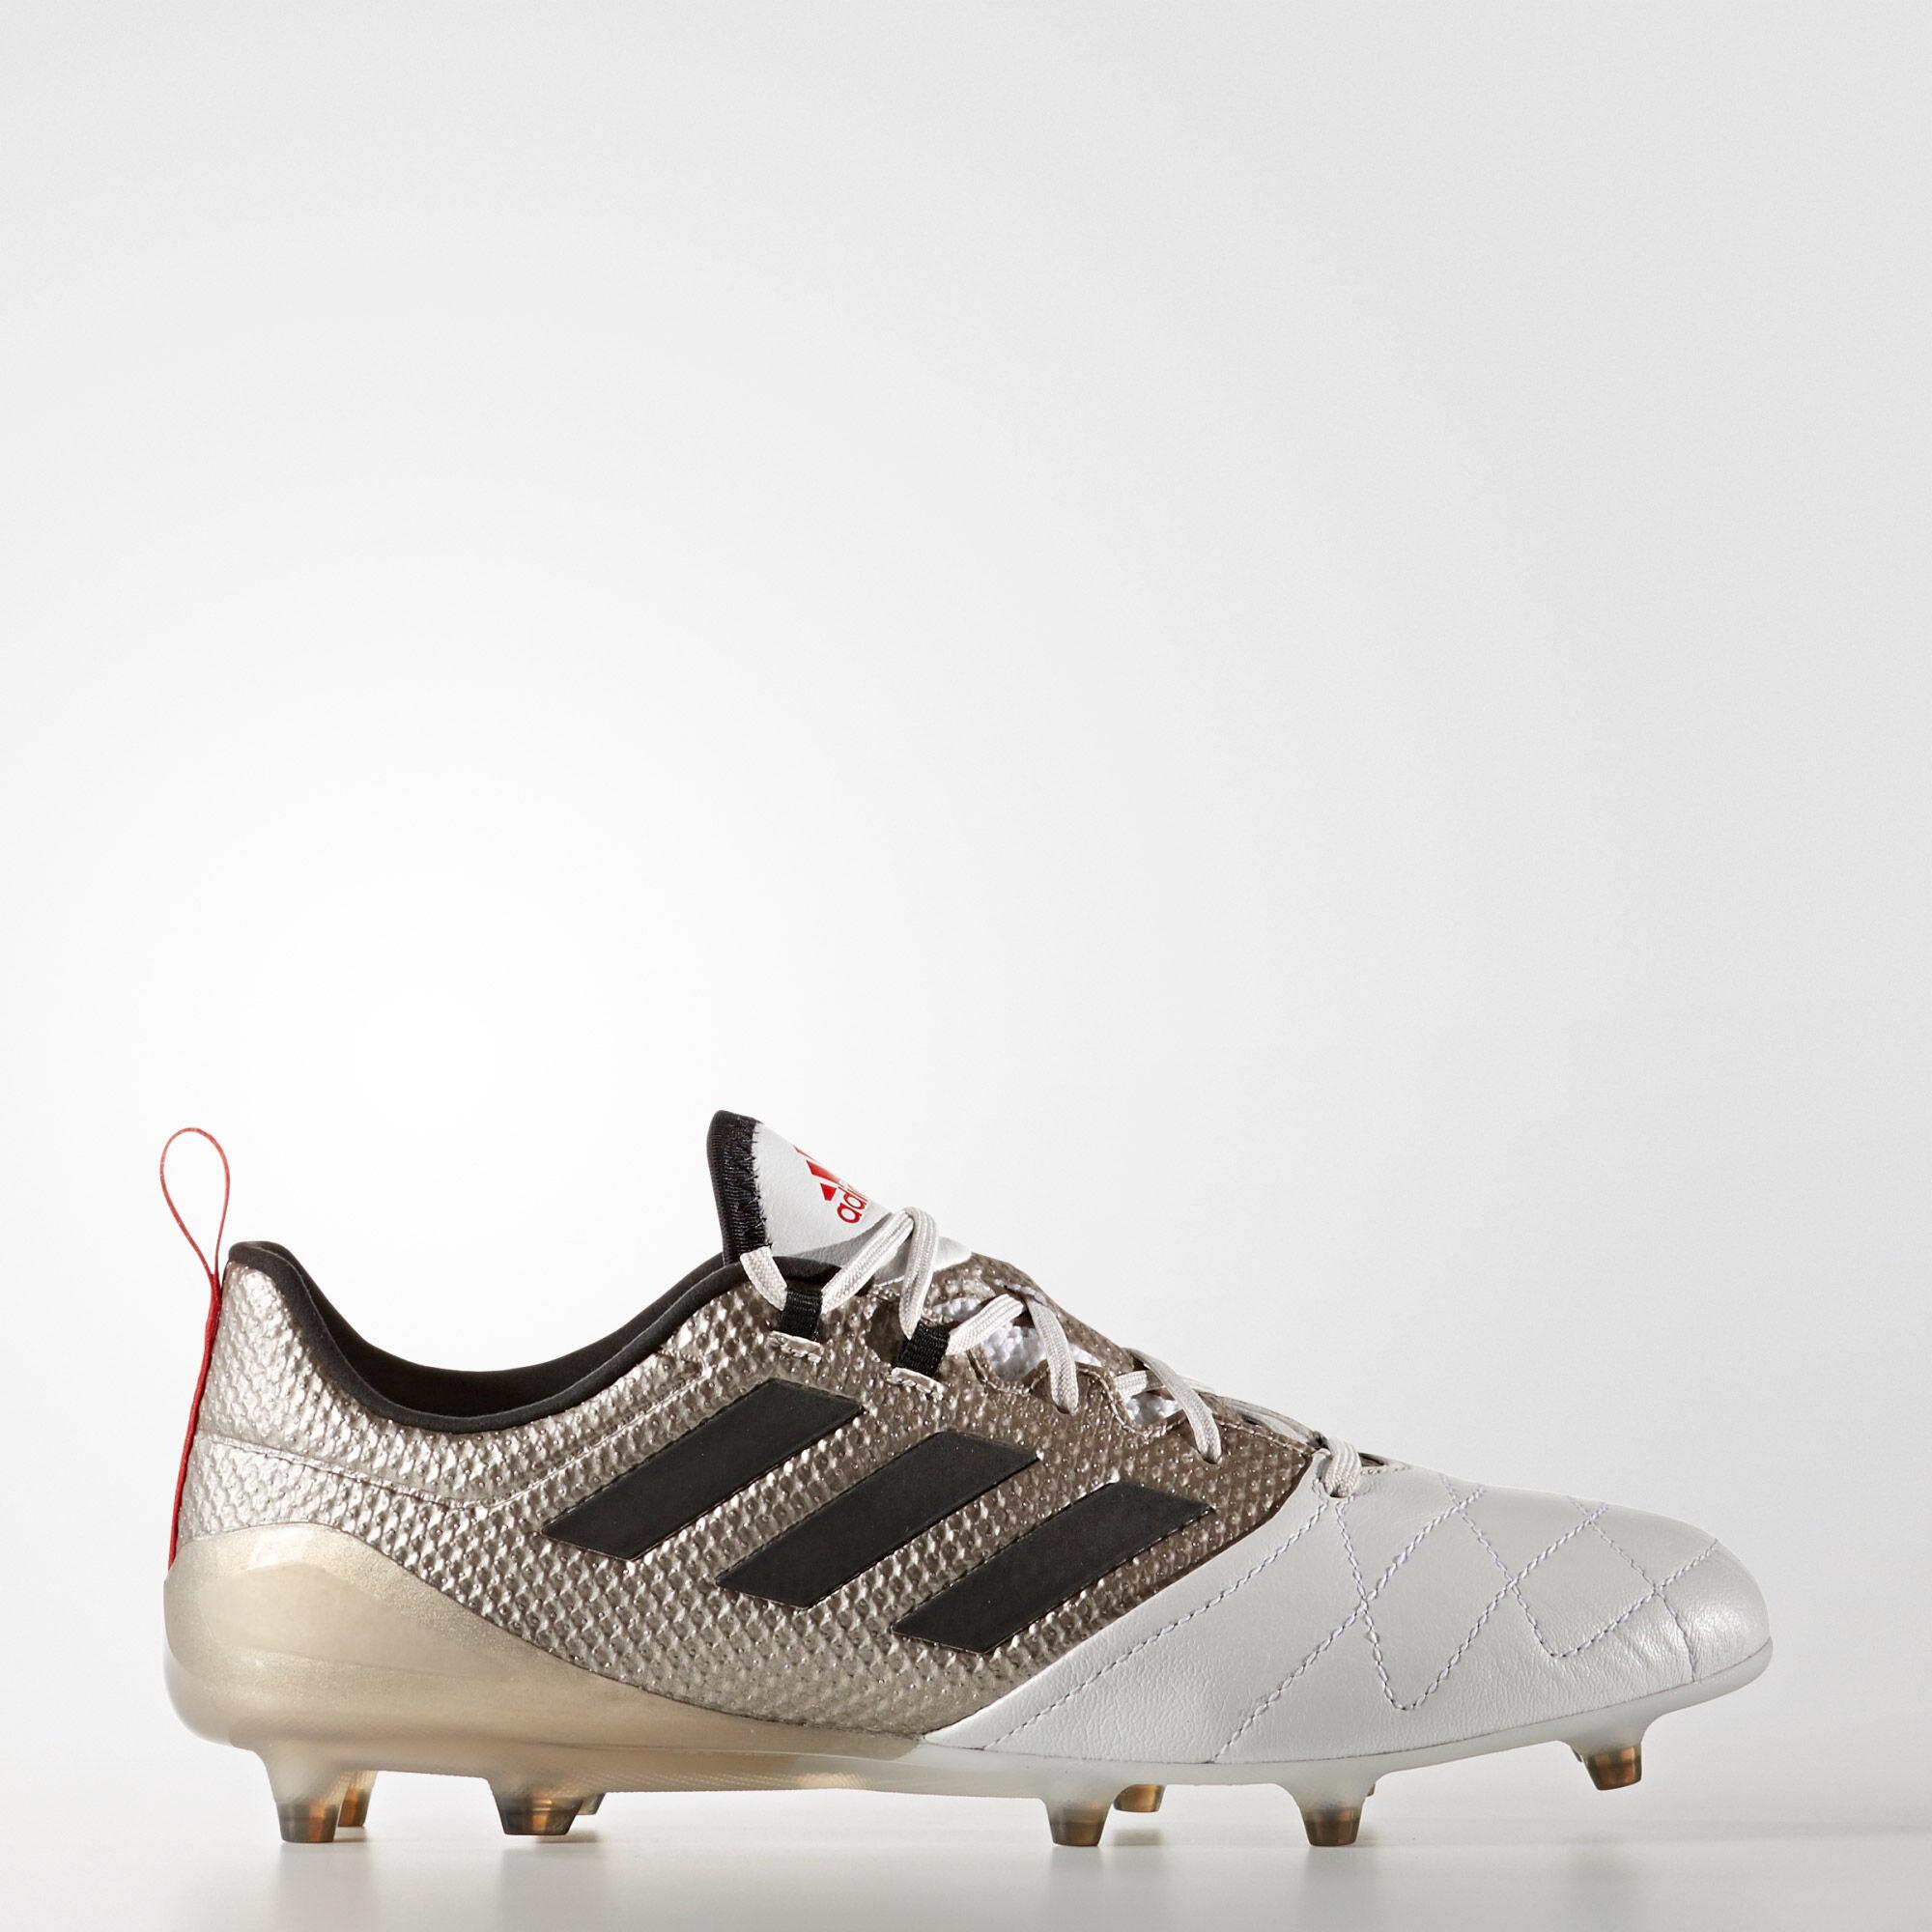 Adidas Ace 17.1 Nere